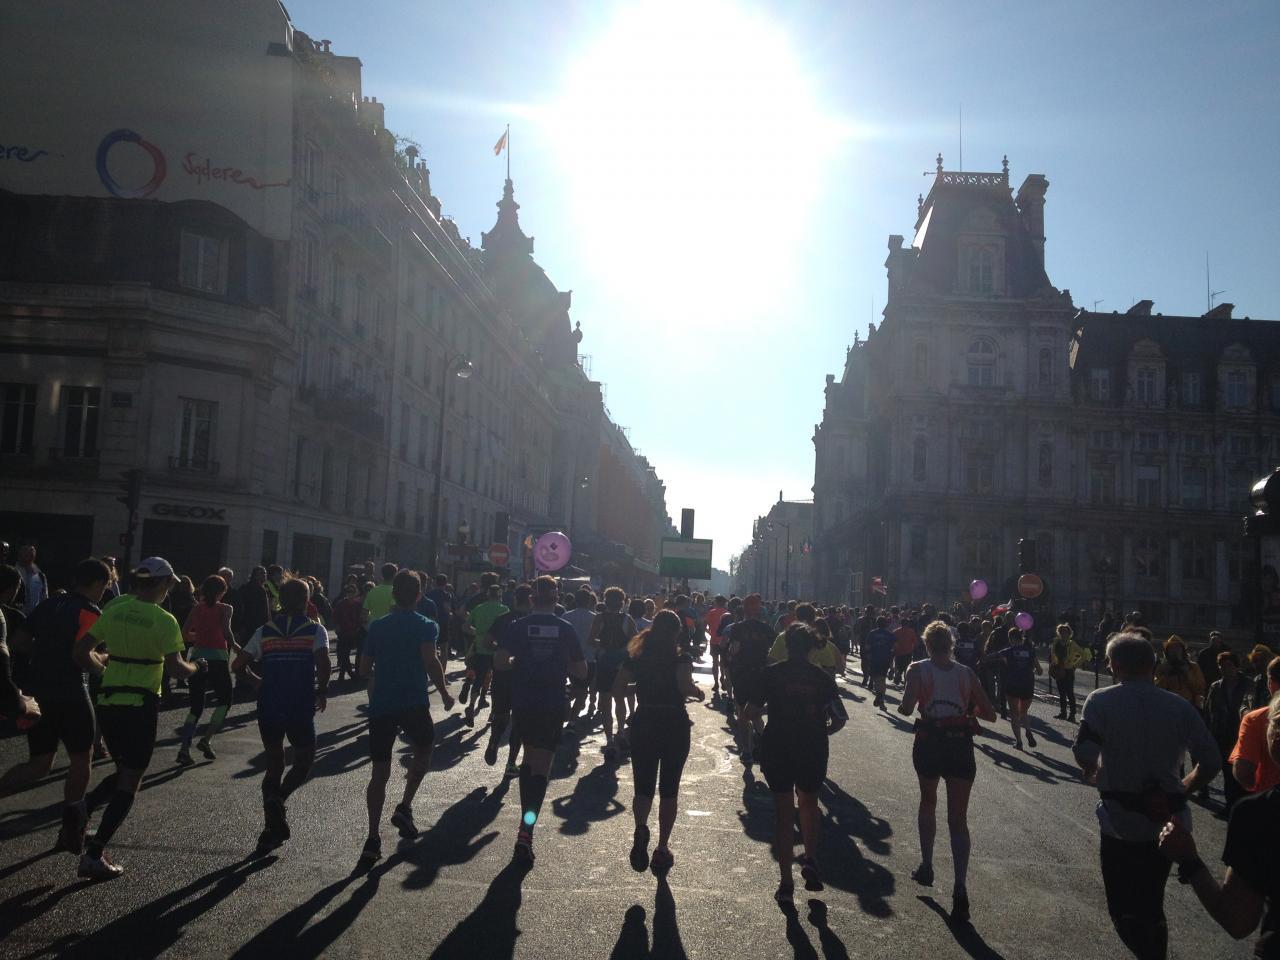 Marathon de paris 2016 - Foire de paris 2016 exposant ...